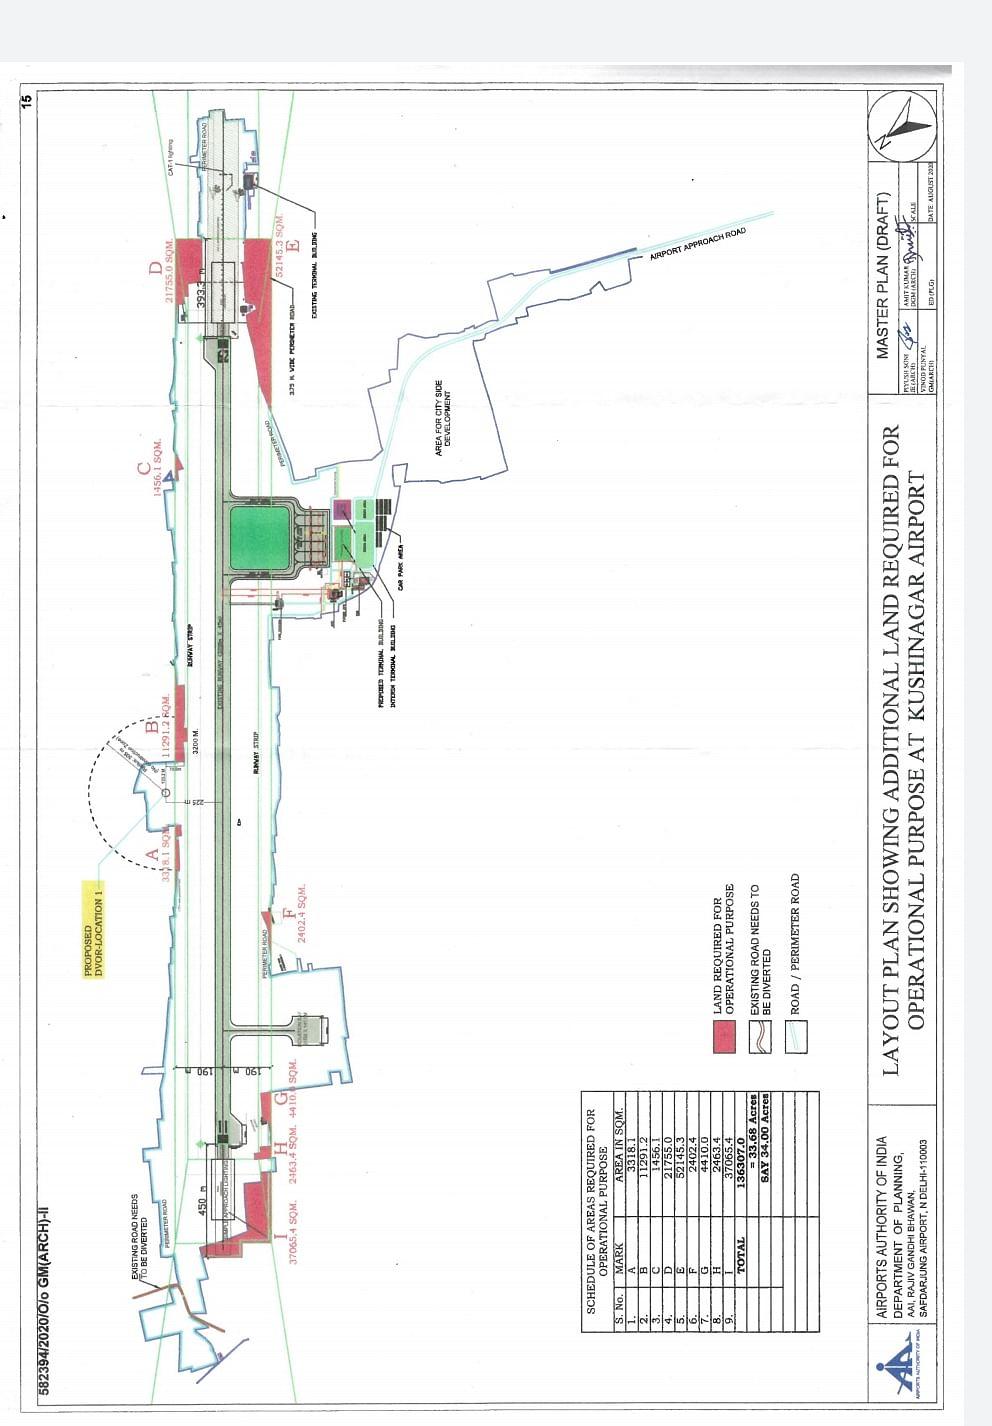 कुशीनगर एयरपोर्ट : मध्य से 190 मीटर के मानक पर खरा नहीं उतरा रन-वे